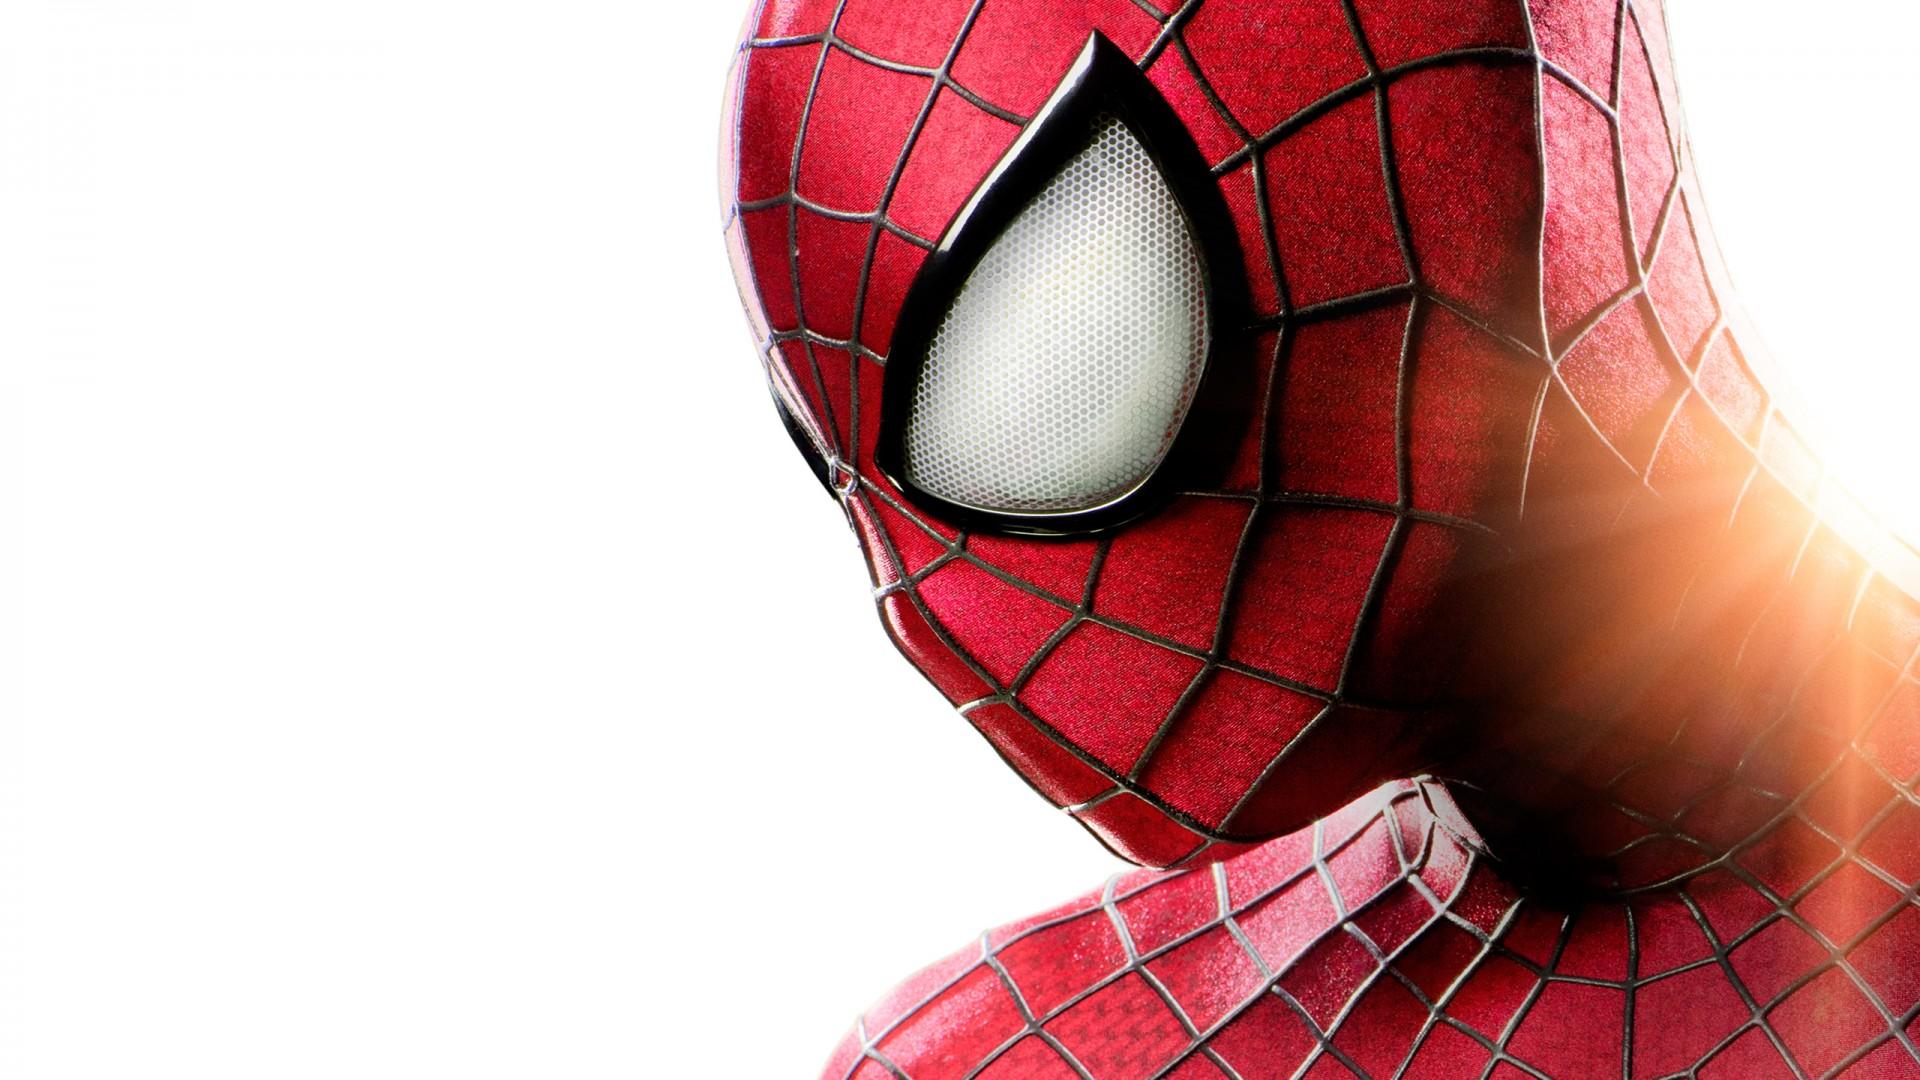 The Amazing Spider Man 2 Movie - Amazing Spider Man 2 - HD Wallpaper